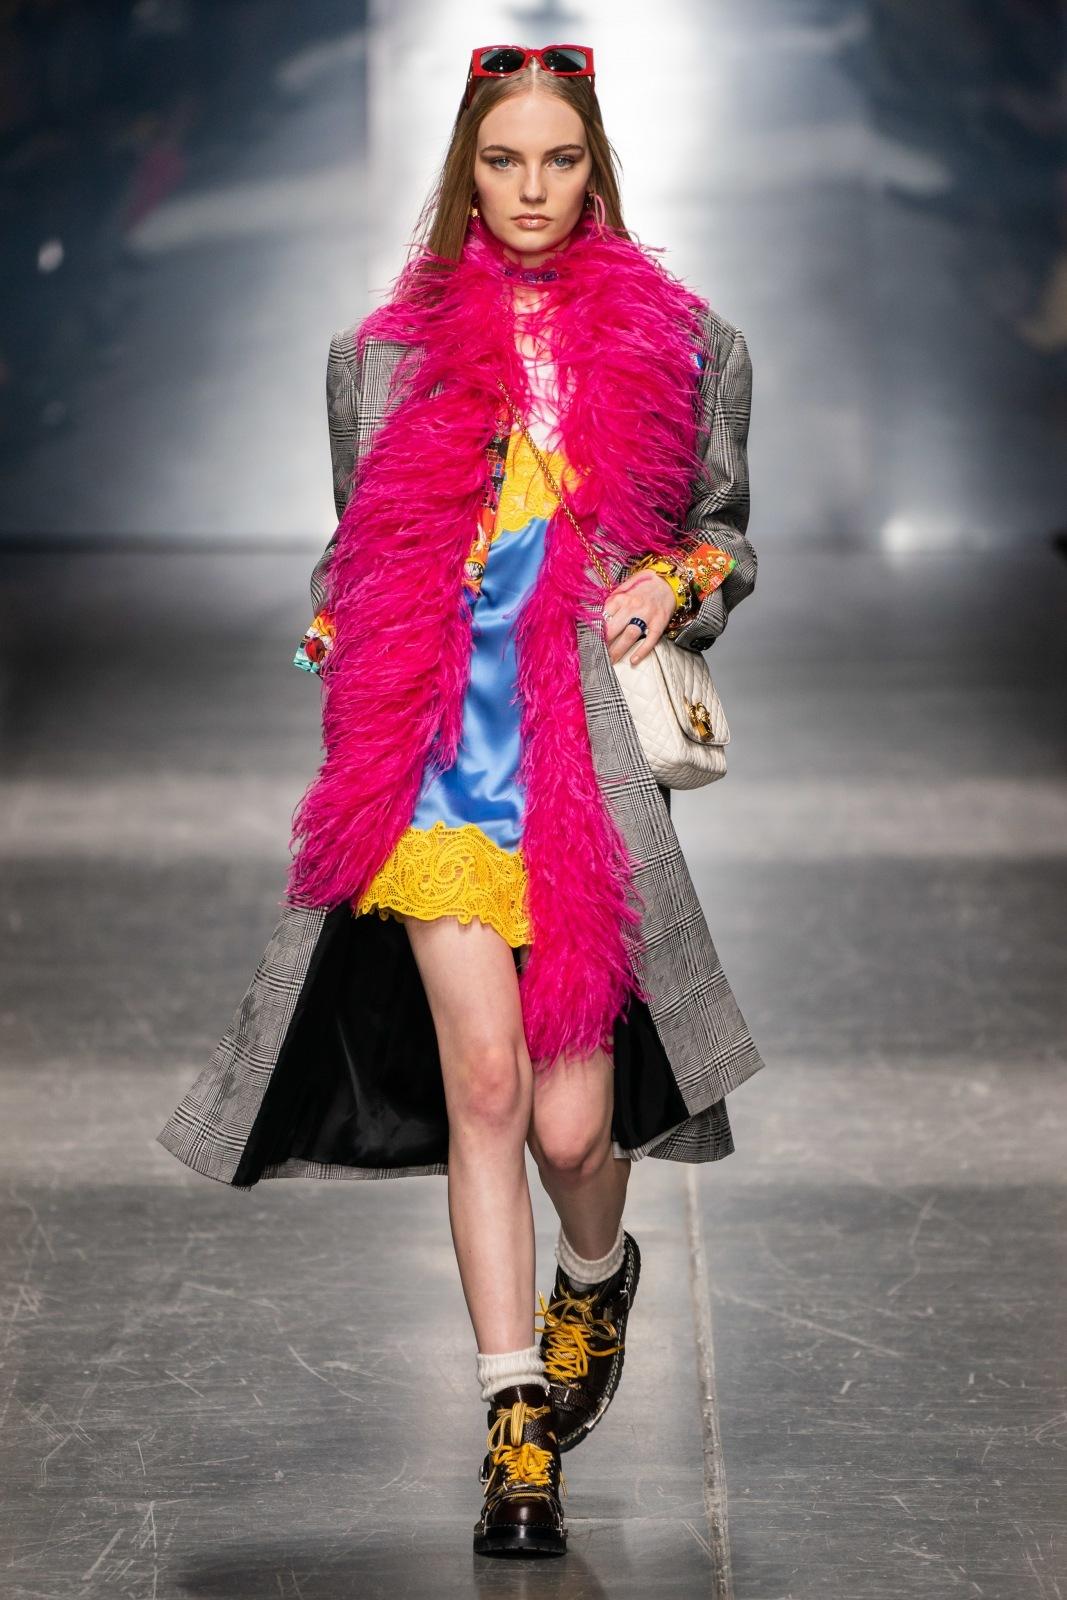 Versace FW 19 20 Zdroj  versace.com df3fe62321